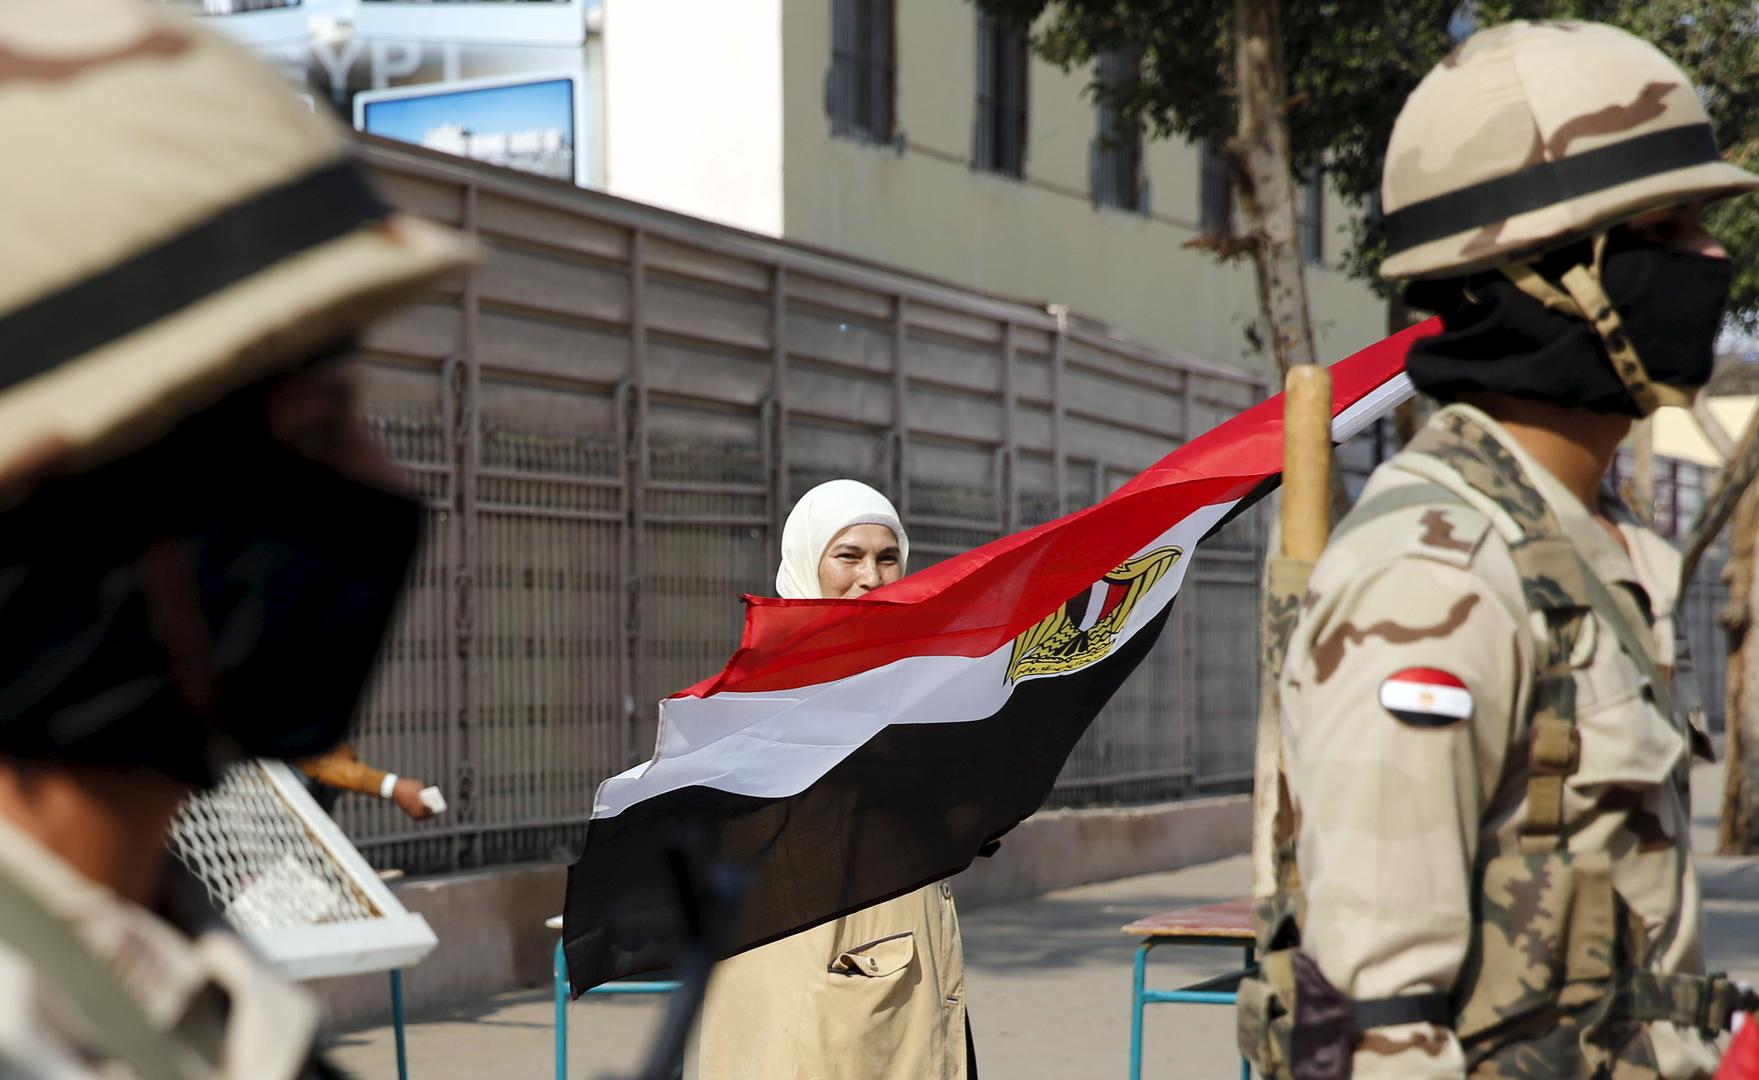 مسؤول إيطالي يطالب بتوضيح حول اختفاء عسكري مصري قد يكون متورطا بقضية تحرش جنسي